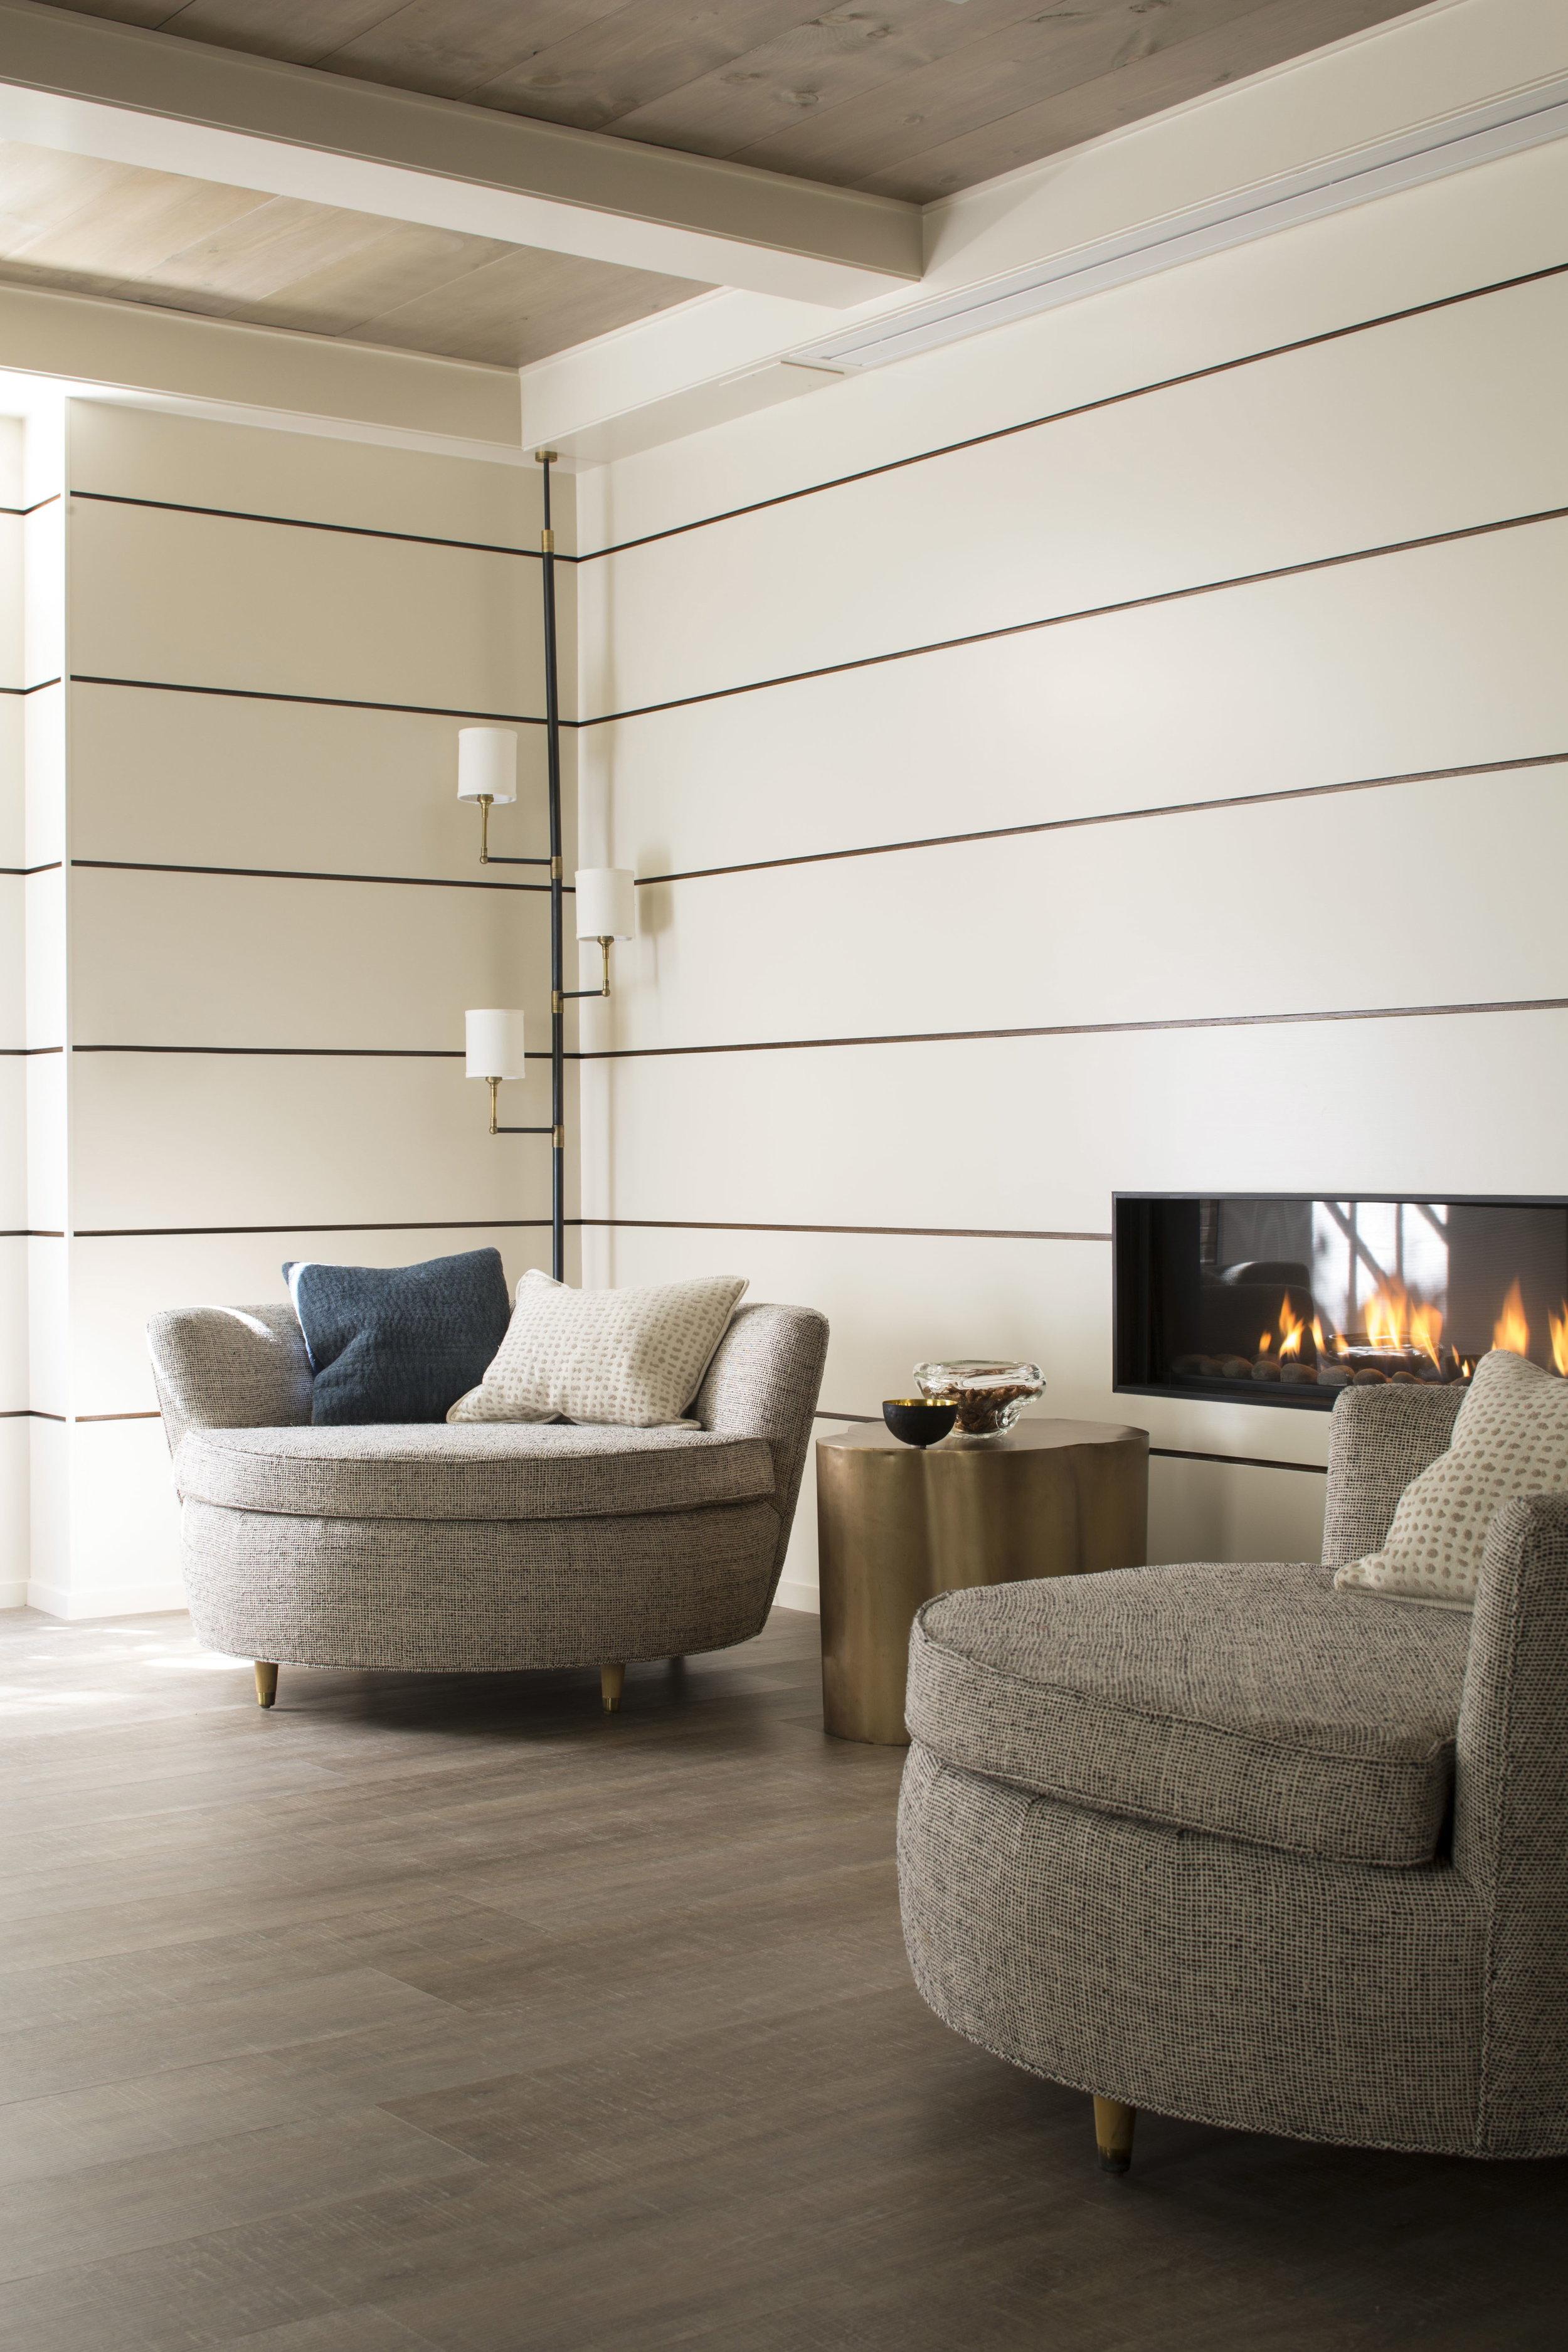 V_Hilderbrand-Interiors_Down_Fire_64024.jpg